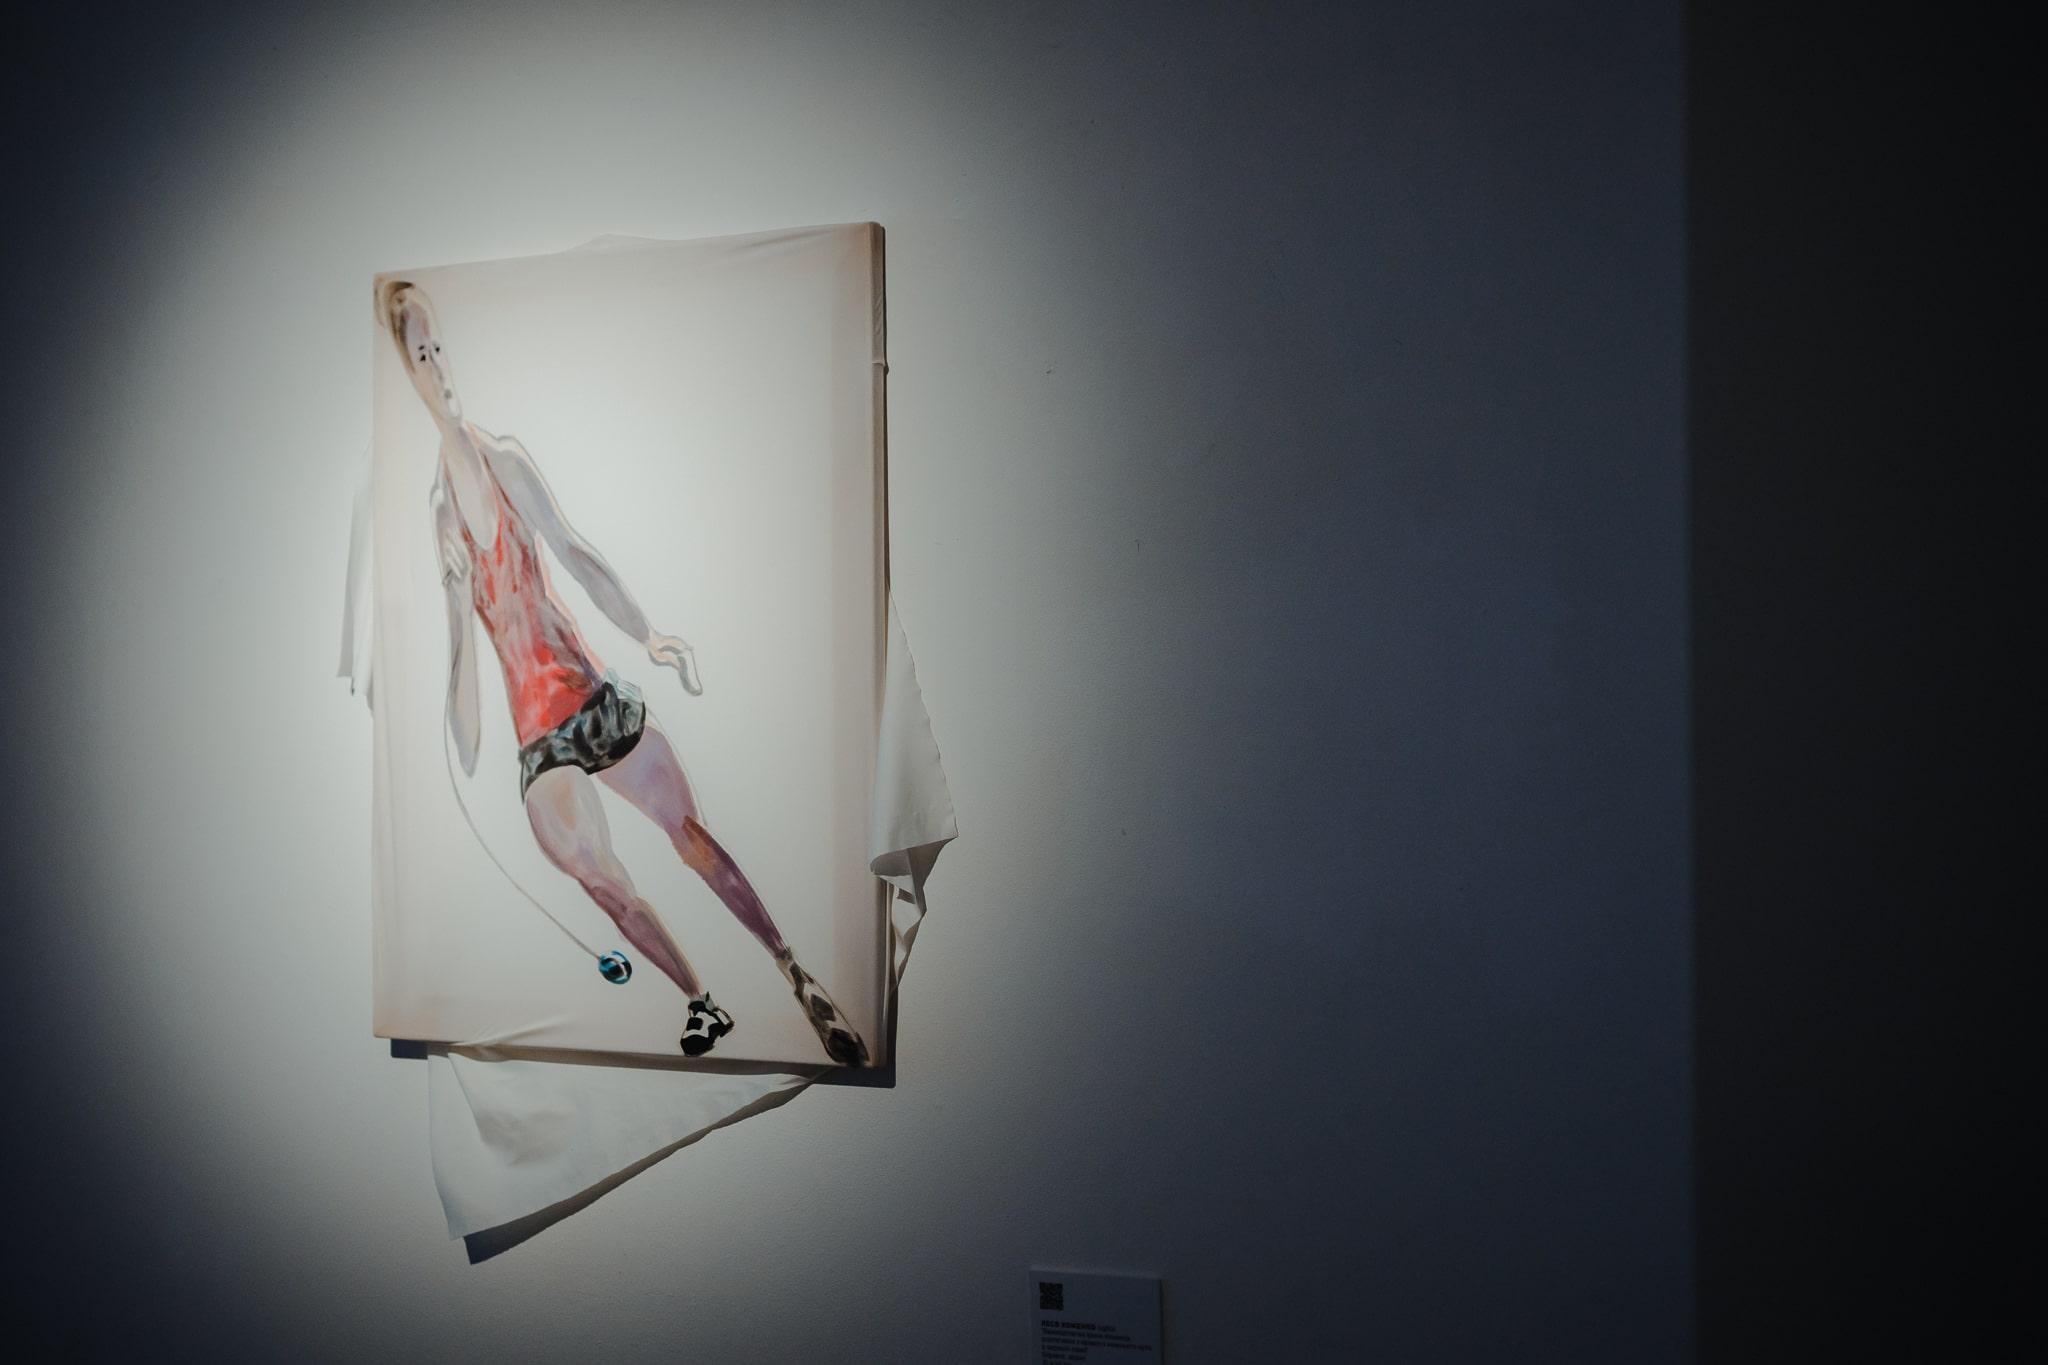 Важкоатлетка Ірина Климець, розтягнена з правого нижнього кута у верхній лівий